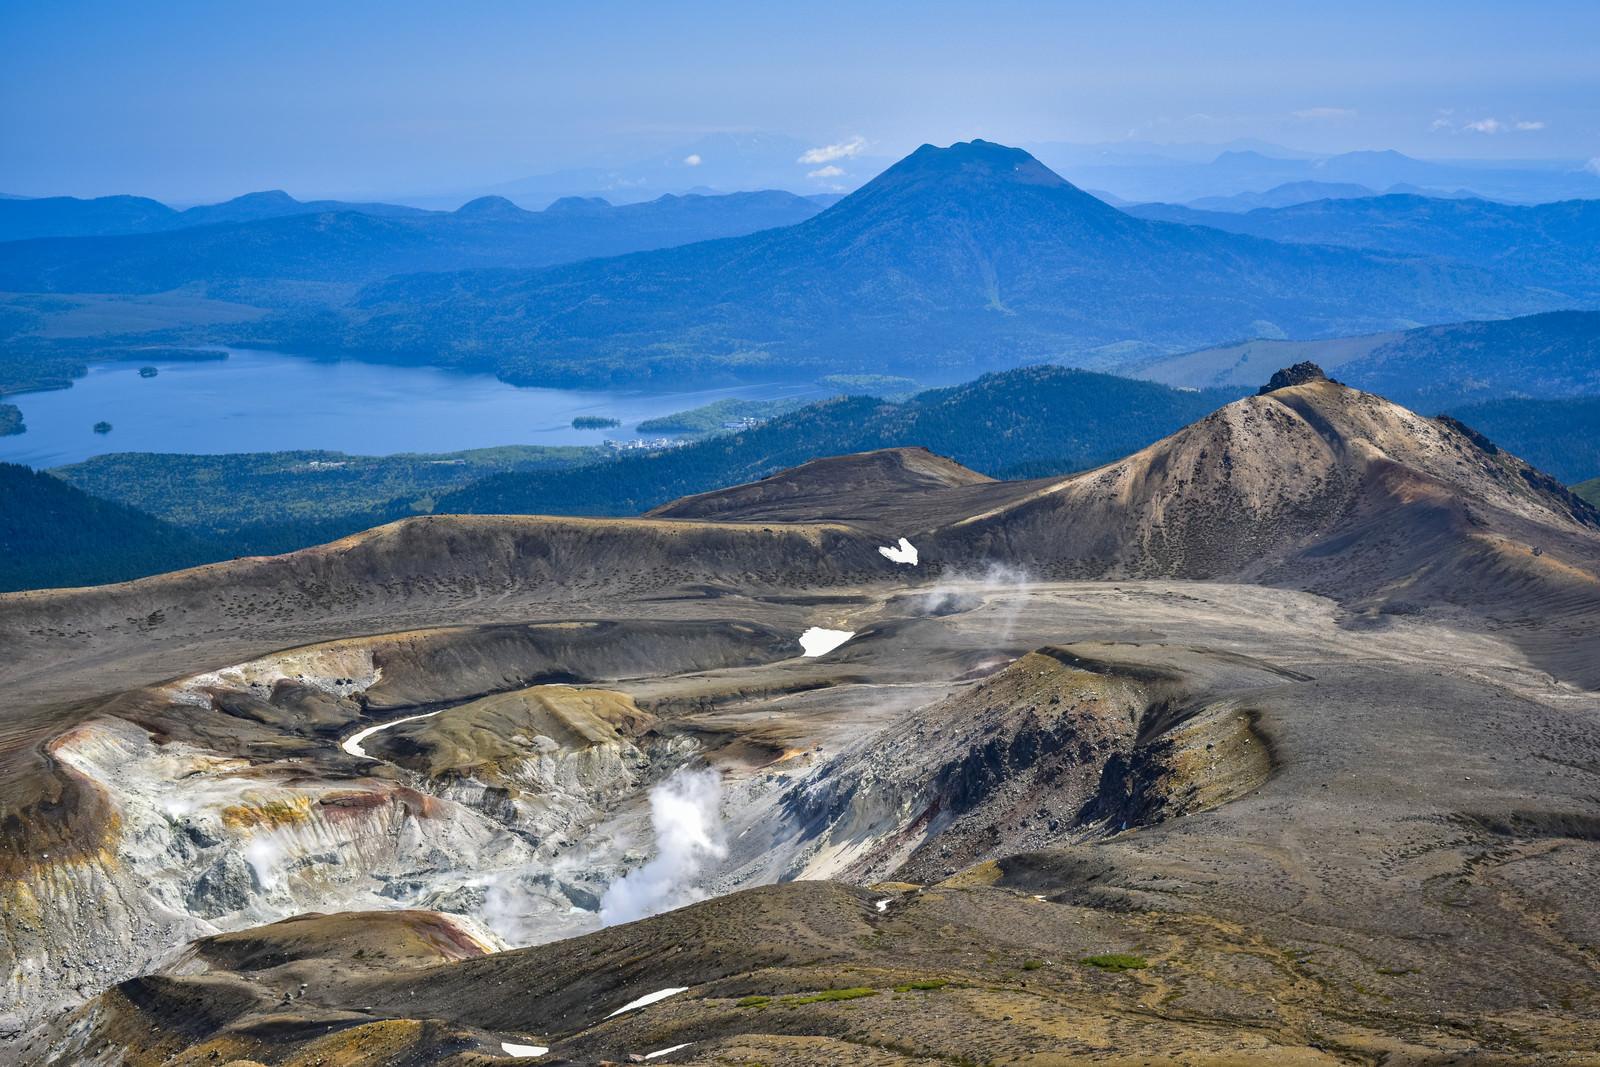 「噴煙をあげる火口と阿寒湖周辺を一望する景色」の写真